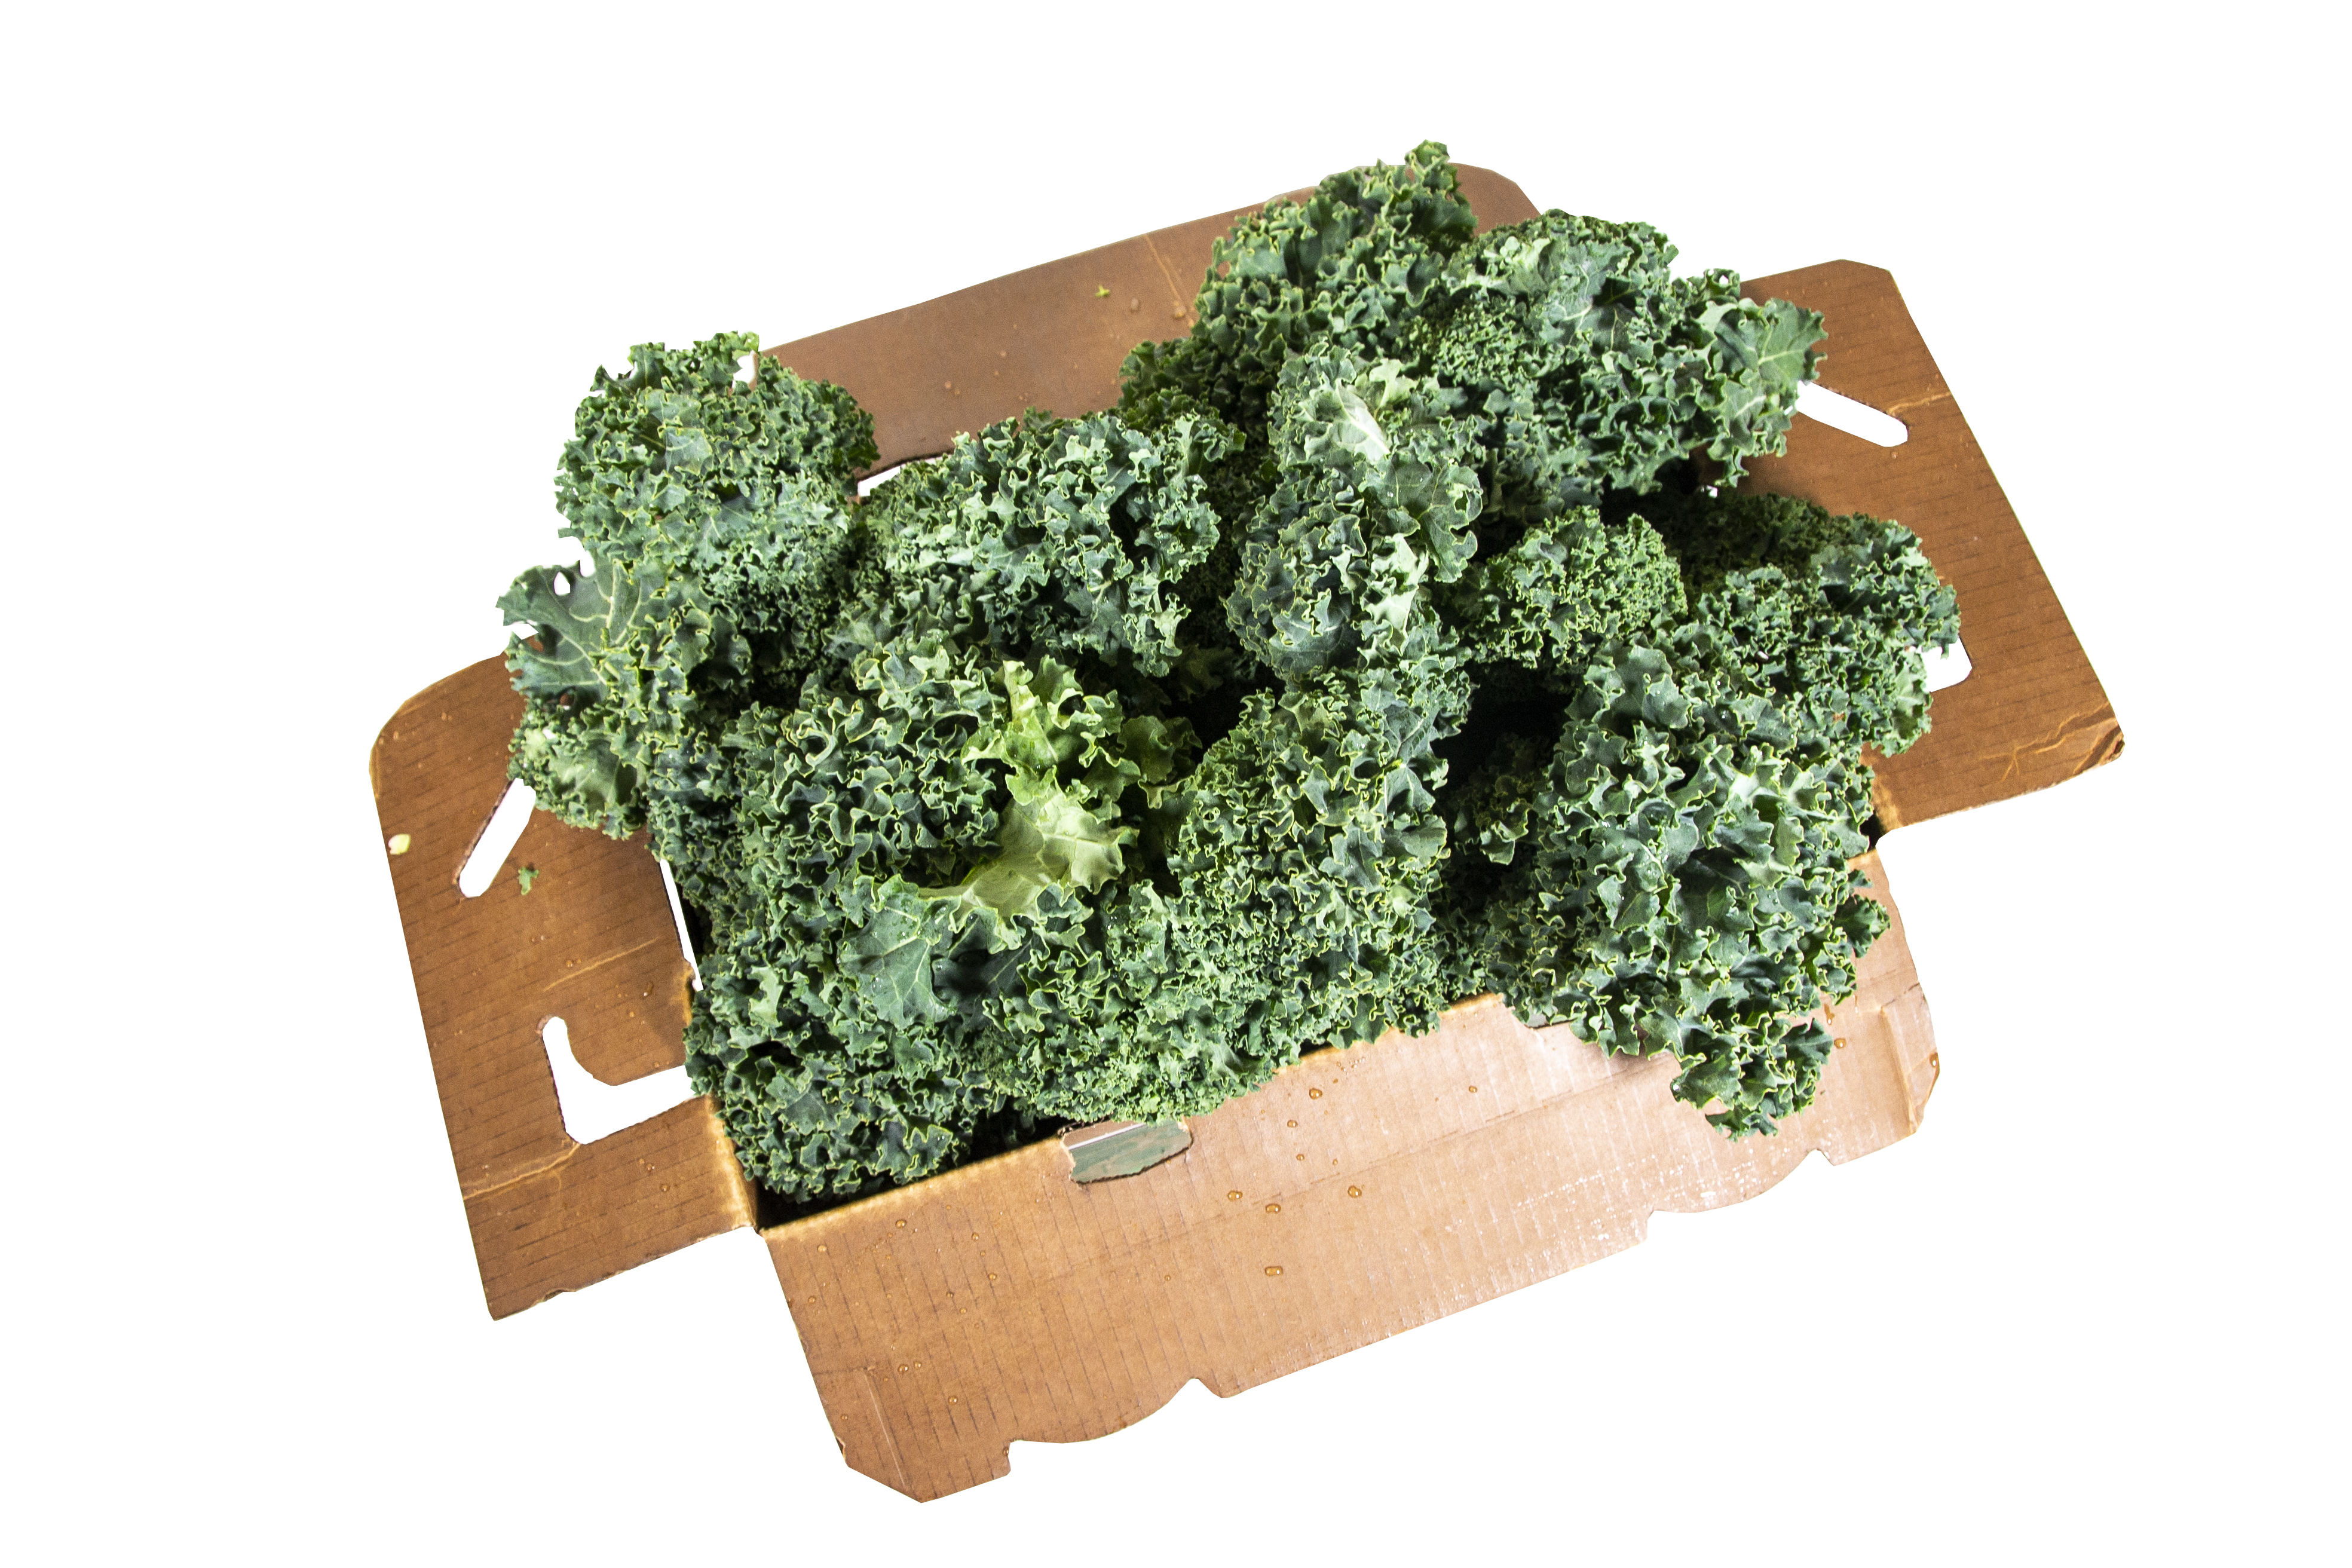 kale-box-2